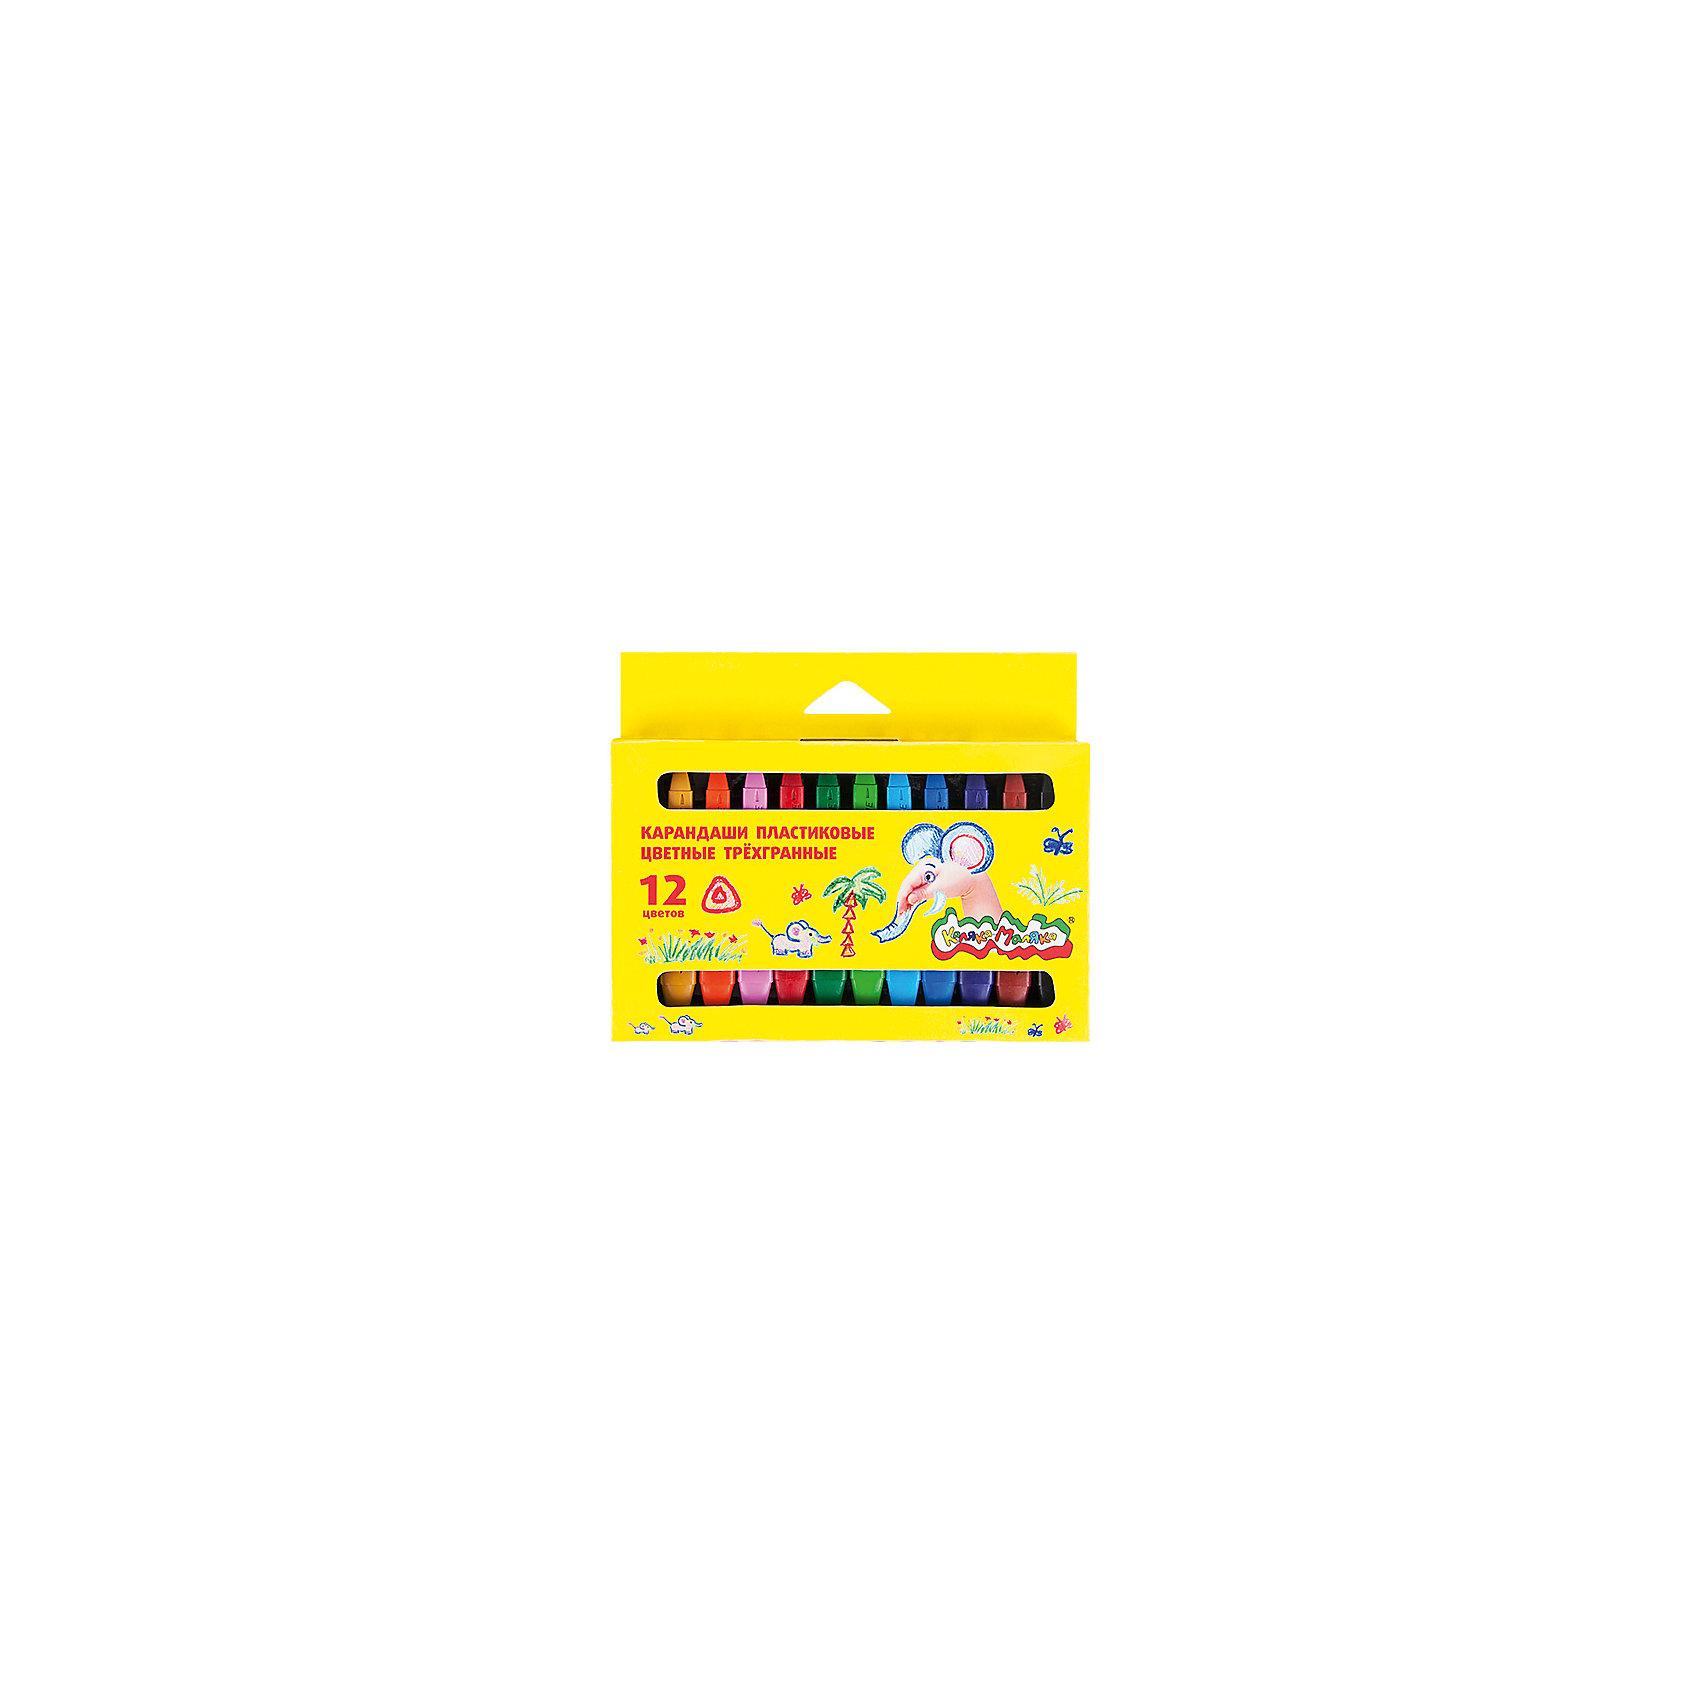 Трёхгранные пластикоые карандаши 12 цветов с заточкойПисьменные принадлежности<br>Восковые трёхгранные карандаши Каляка-Маляка®понравятся и малышам, и детям постарше.<br><br>Карандаши изготовлены на восковой основе. Благодаря особому составу их корпус имеет повышенную прочность и внешне напоминает пластик. Трёхгранная эргономичная форма карандаша удобна для ручки ребенка, помогая ему приучаться правильно держать пишущие принадлежности. Рекомендуется для детей от 3-х лет.<br><br>Свойства восковых трёхгранных карандашей:<br><br>не имеют запаха и не пачкают руки;<br>рисуют очень мягко, яркими, насыщенными цветами;<br>прочные, не ломаются при падении;<br>двусторонние – одним карандашом можно нарисовать тонкие линии и закрасить большую поверхность.<br><br>Ширина мм: 147<br>Глубина мм: 14<br>Высота мм: 126<br>Вес г: 85<br>Возраст от месяцев: 36<br>Возраст до месяцев: 120<br>Пол: Унисекс<br>Возраст: Детский<br>SKU: 5354209